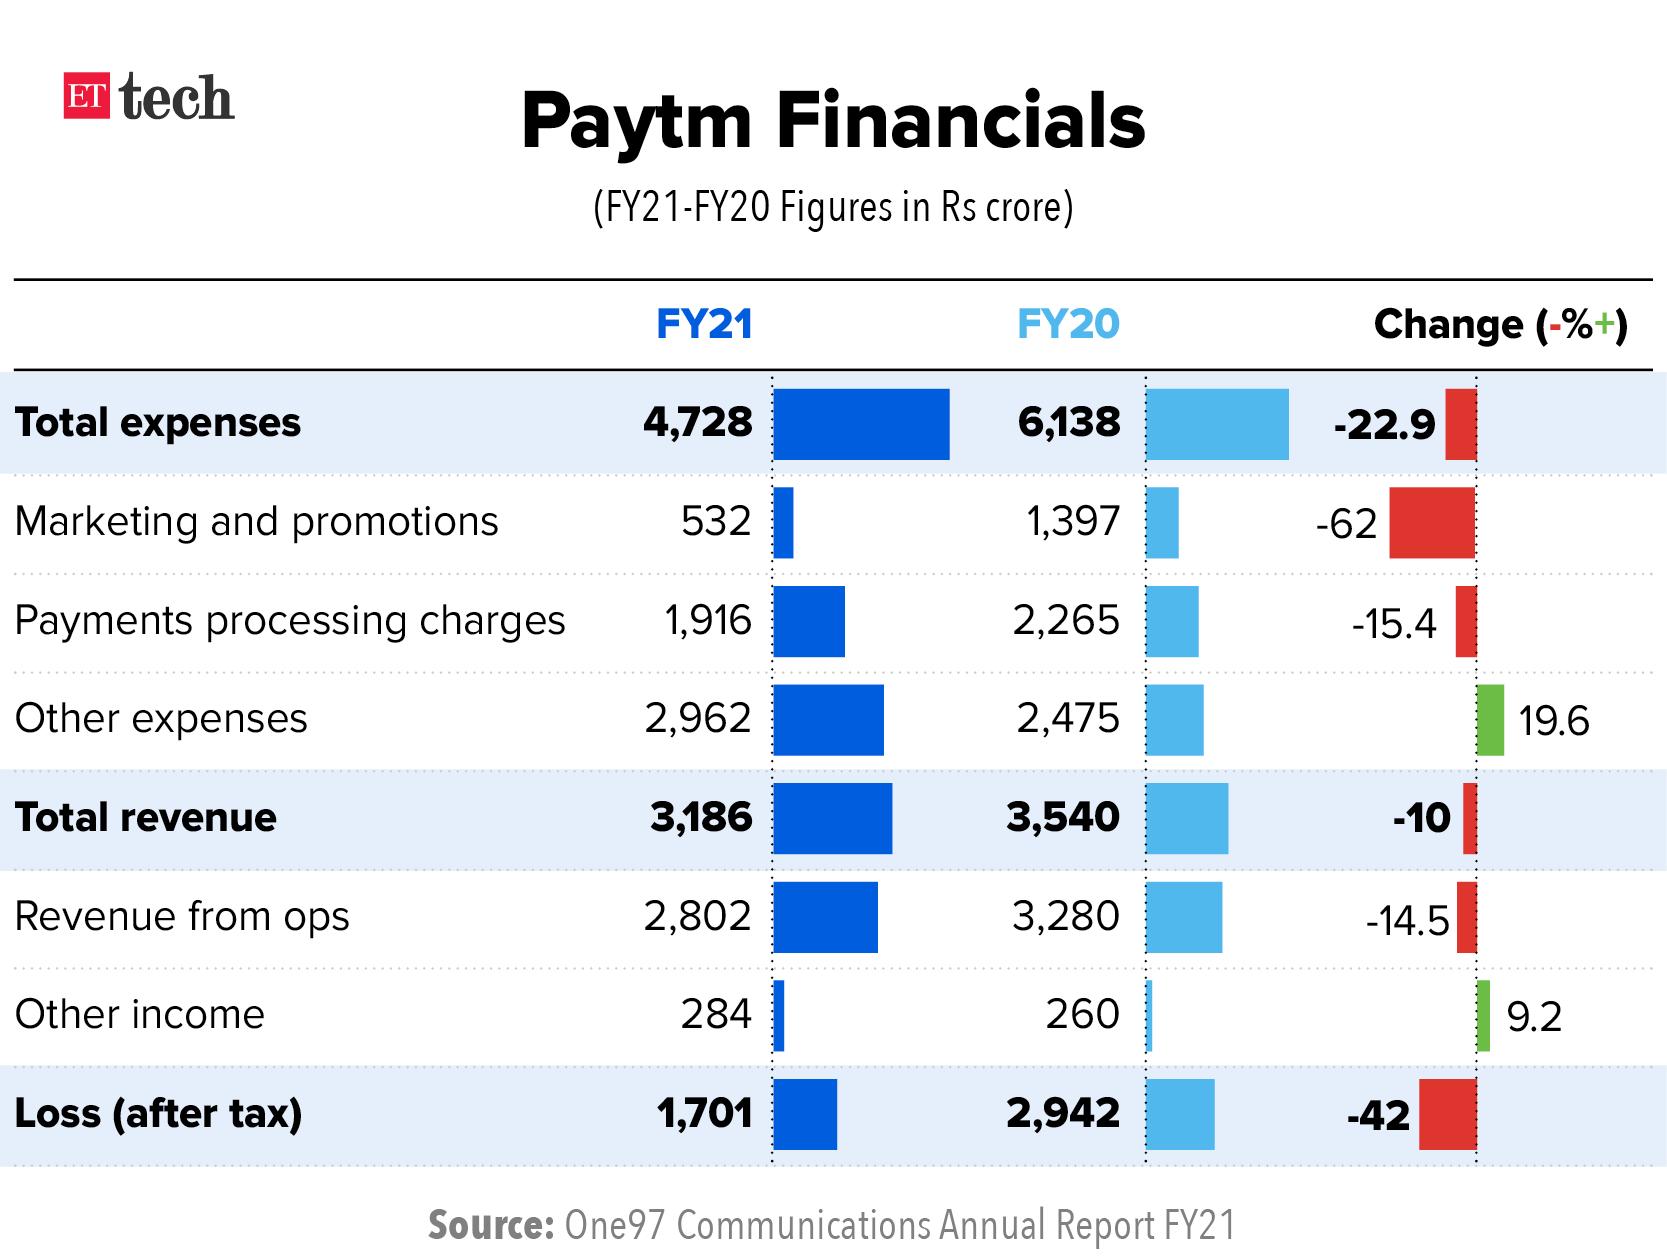 Paytm Financials